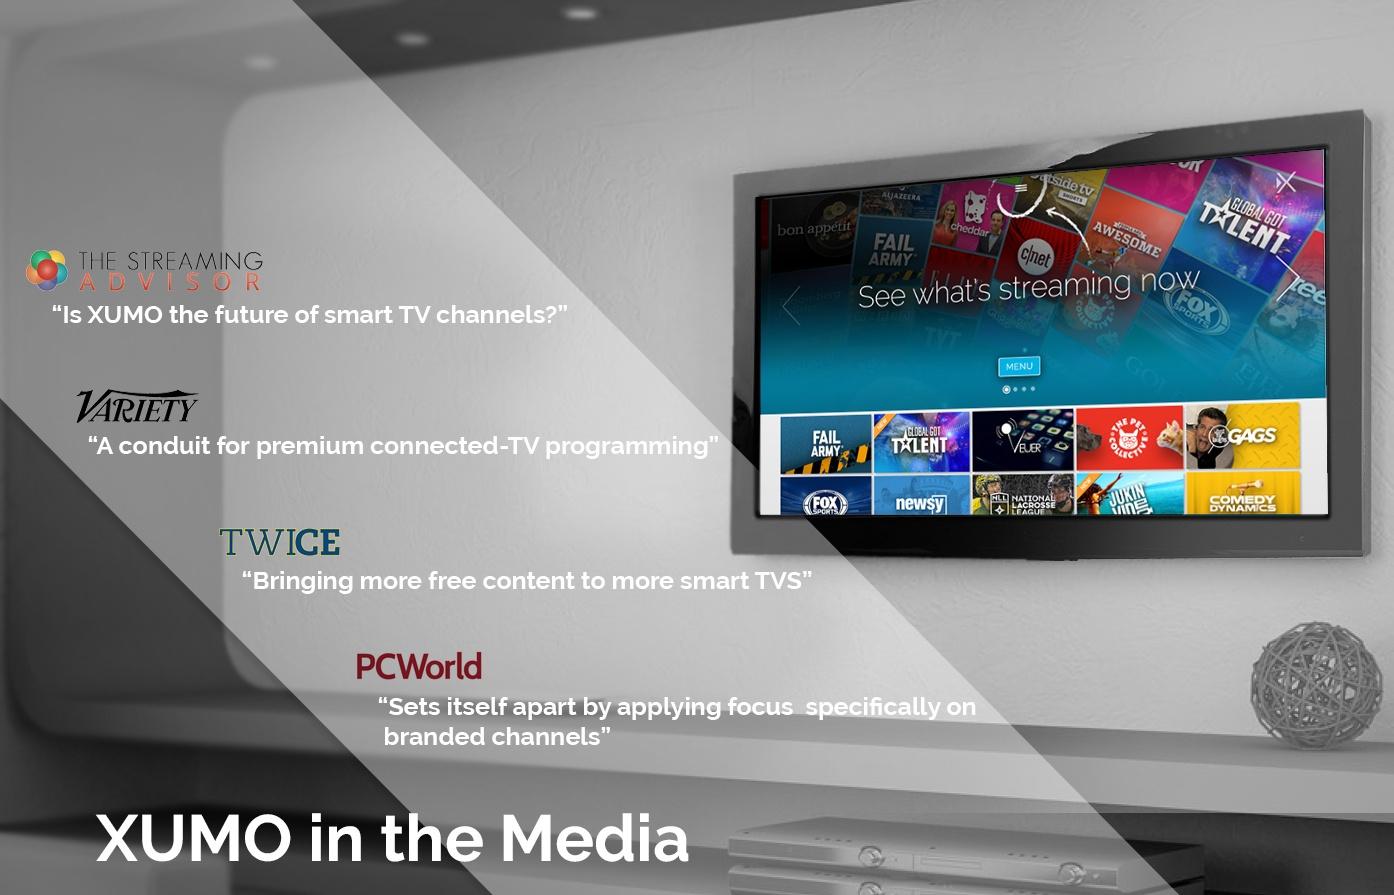 XUMO in the Media